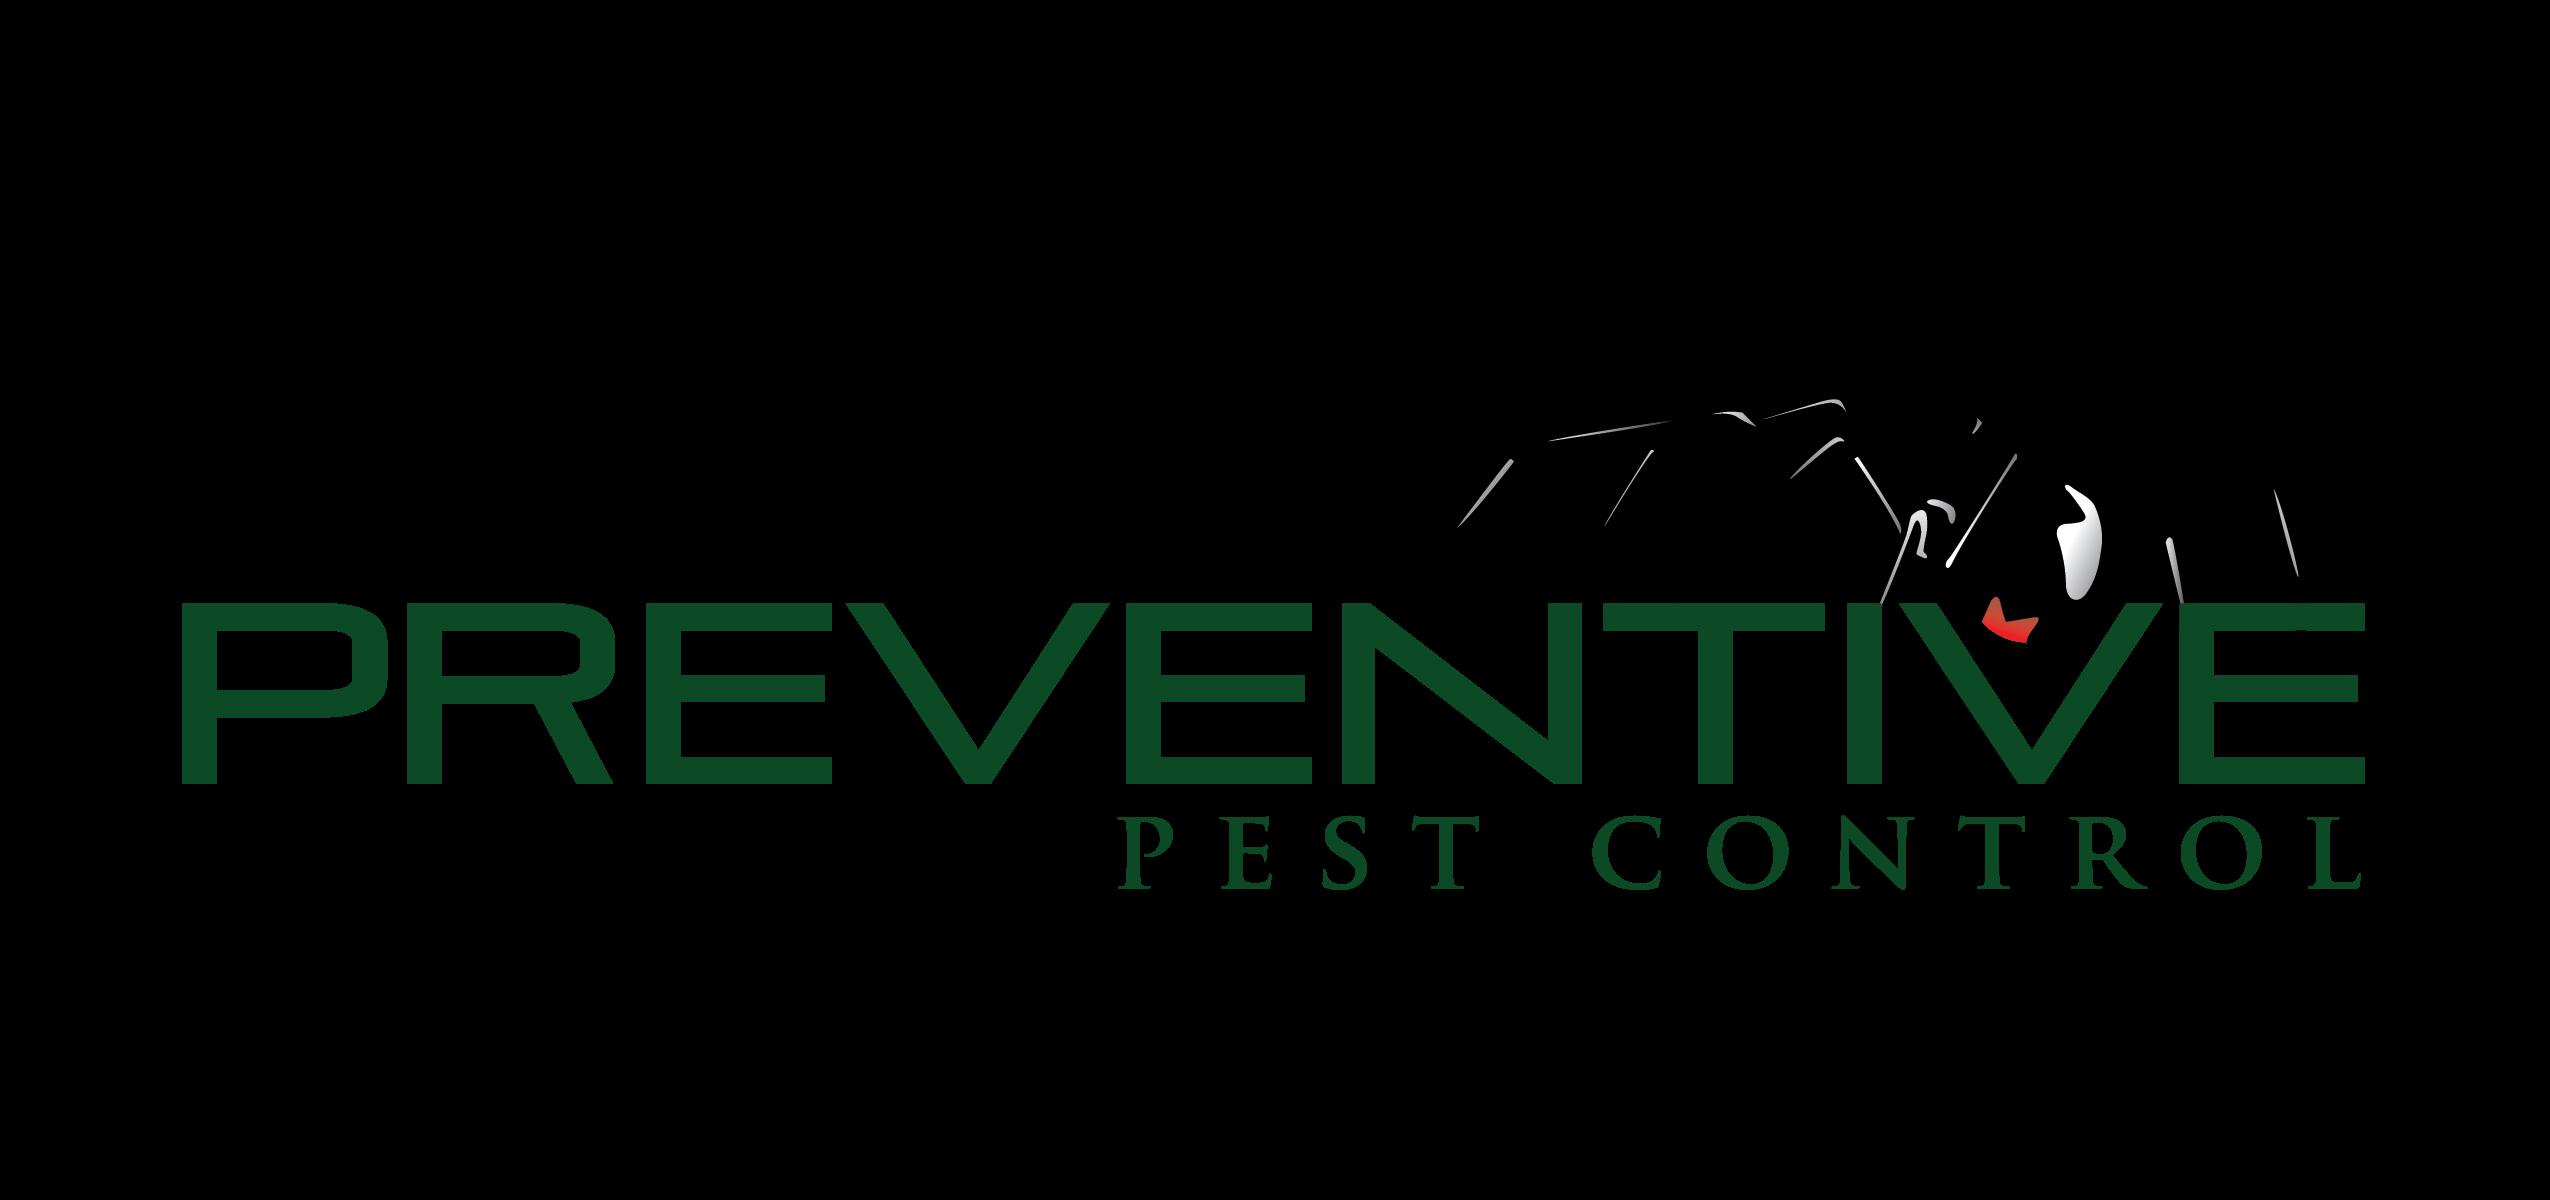 Preventive Pest Control of AZ